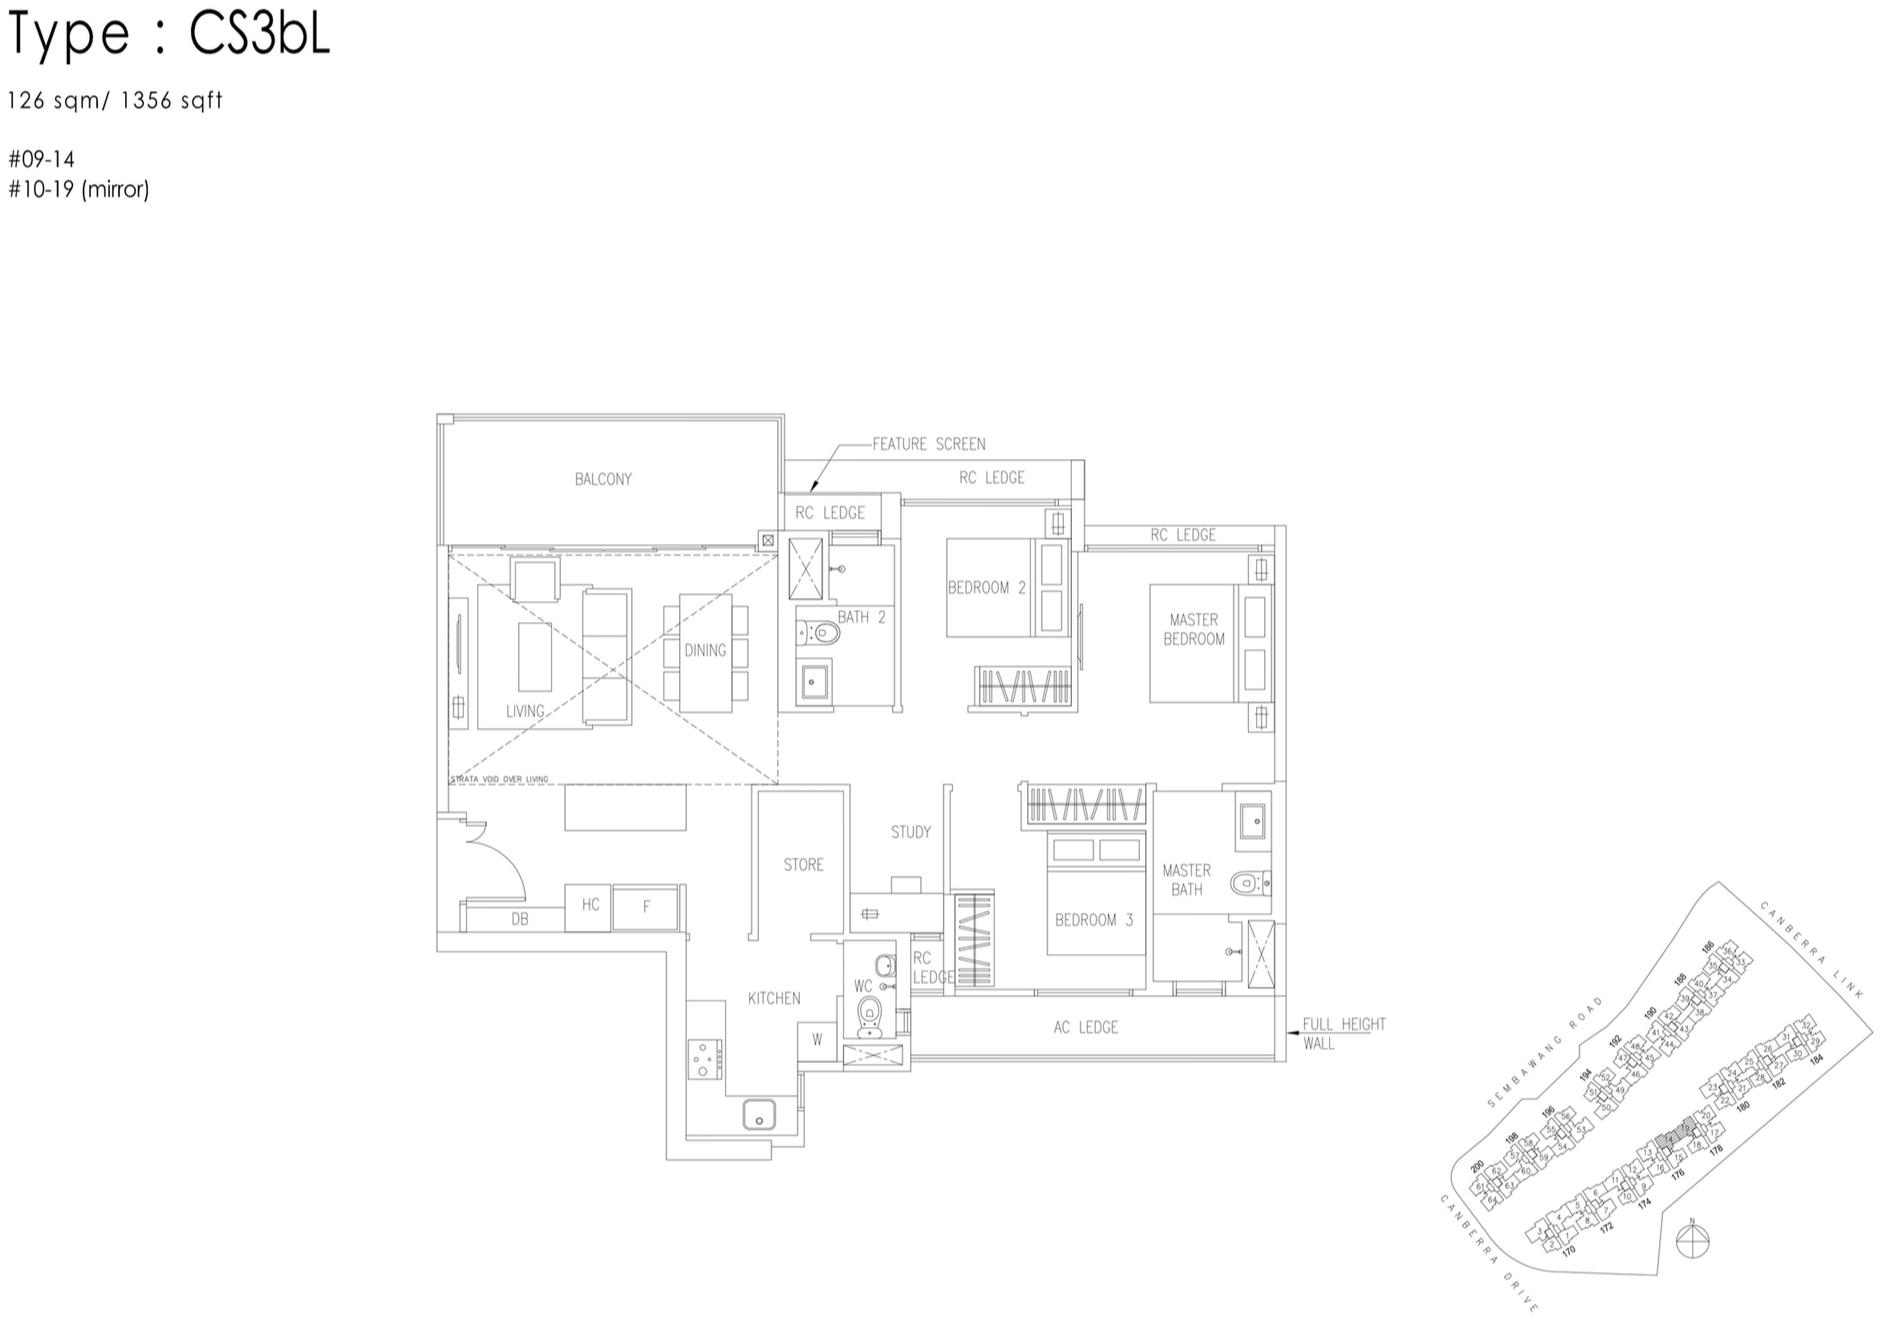 The Visionaire EC Floor Plan - 3 Bedroom Cospace CS3bL 126 sqm 1356 sqft